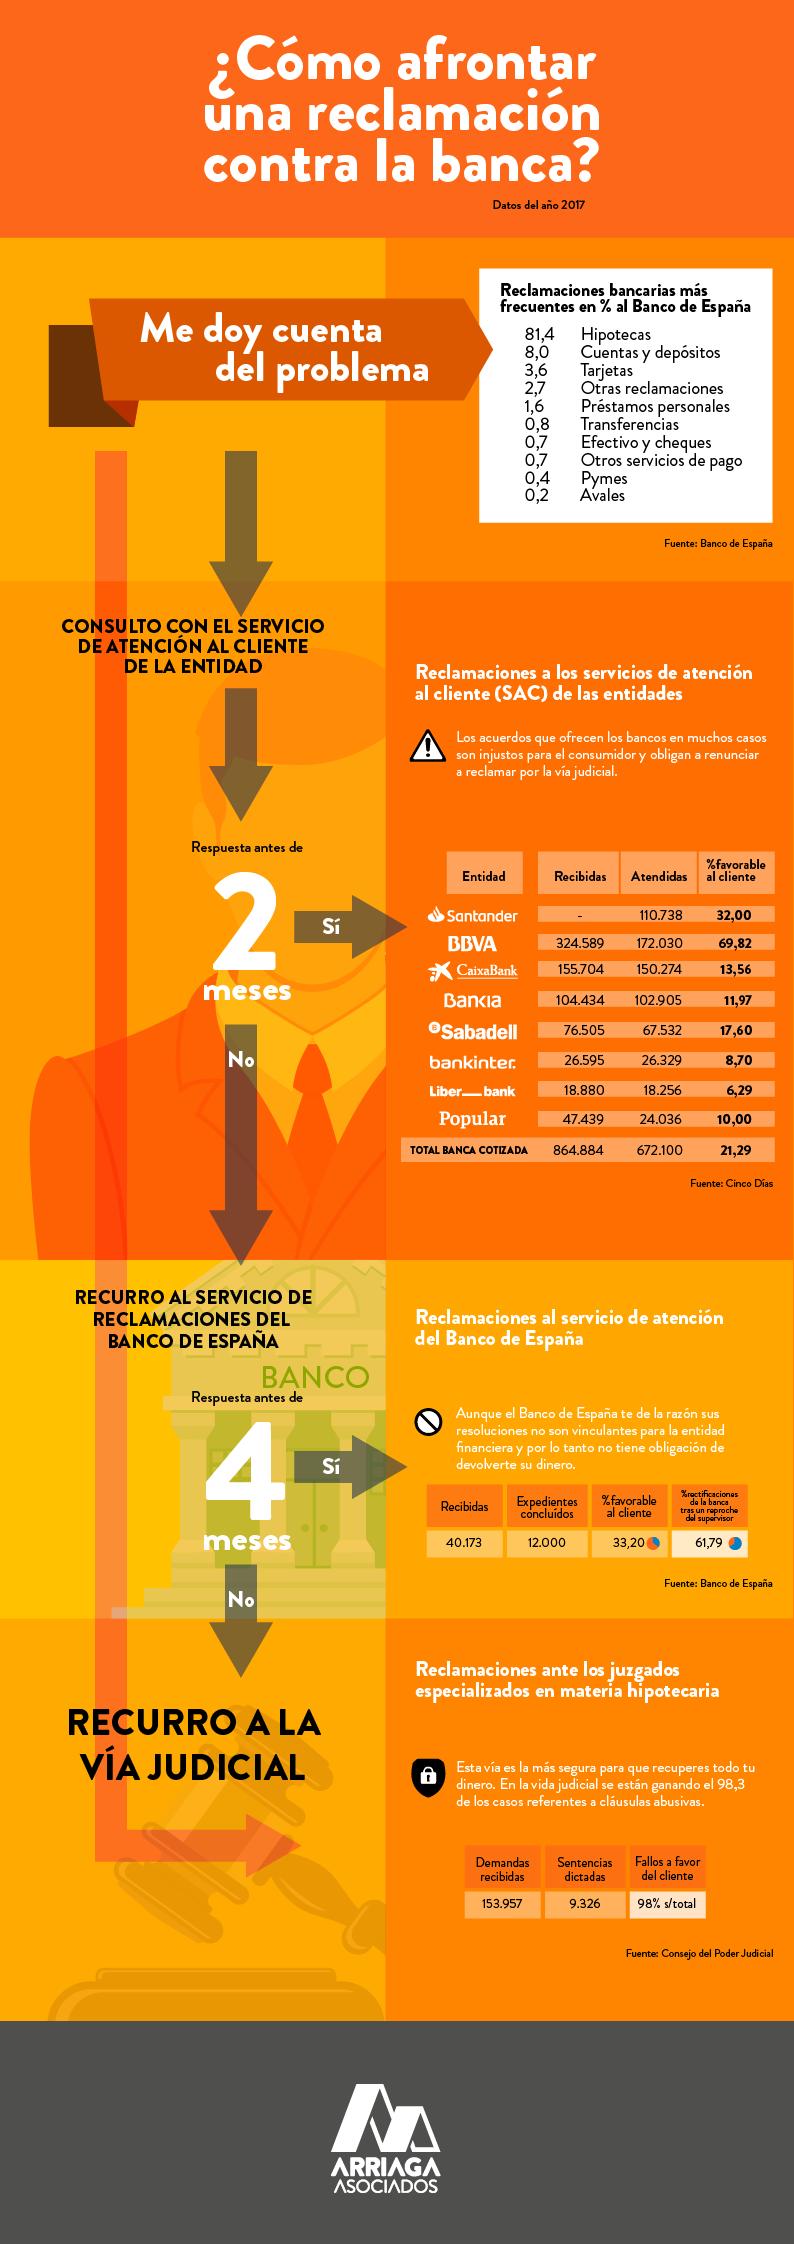 Infografía reclamaciones contra la banca